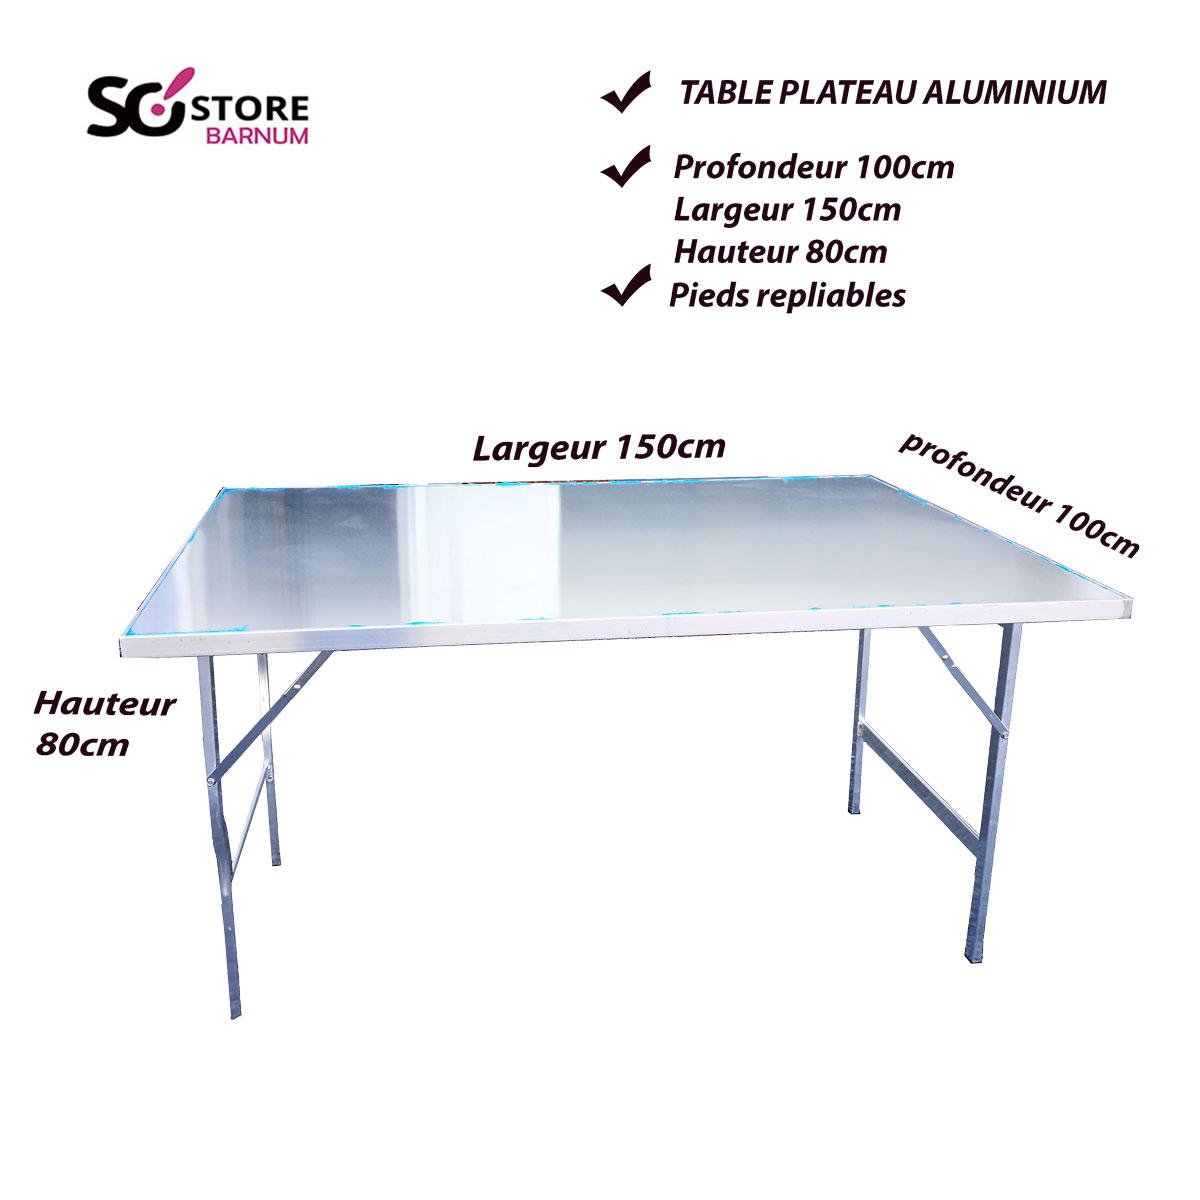 Table Aluminium100cmx150cm Plateau Aluminium100cmx150cm Table Table Aluminium100cmx150cm Plateau Plateau Table q54RLA3j